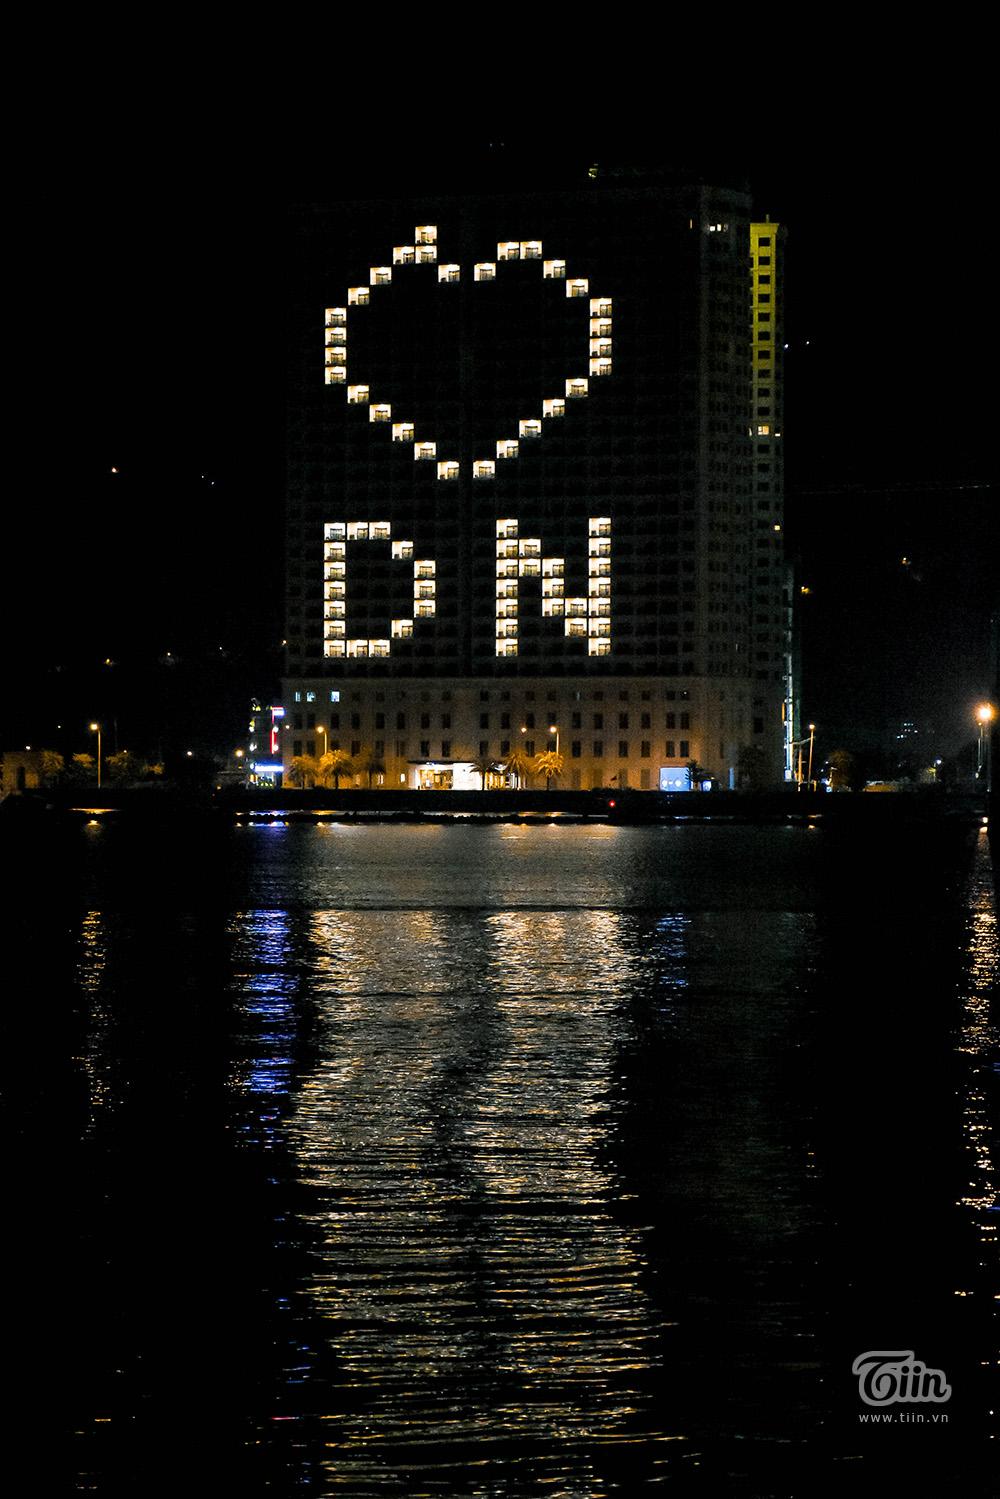 Điều ấm lòng là khoảnh khắc ai đó vô tình nhìn thấy biểu tượng Tôi yêu Đà Nẵng trên một số tòa cao tầng. Bằng cách bật điện phòng và set up theo bố cục, những khẩu hiệu động viên hiện lên rực rỡ.